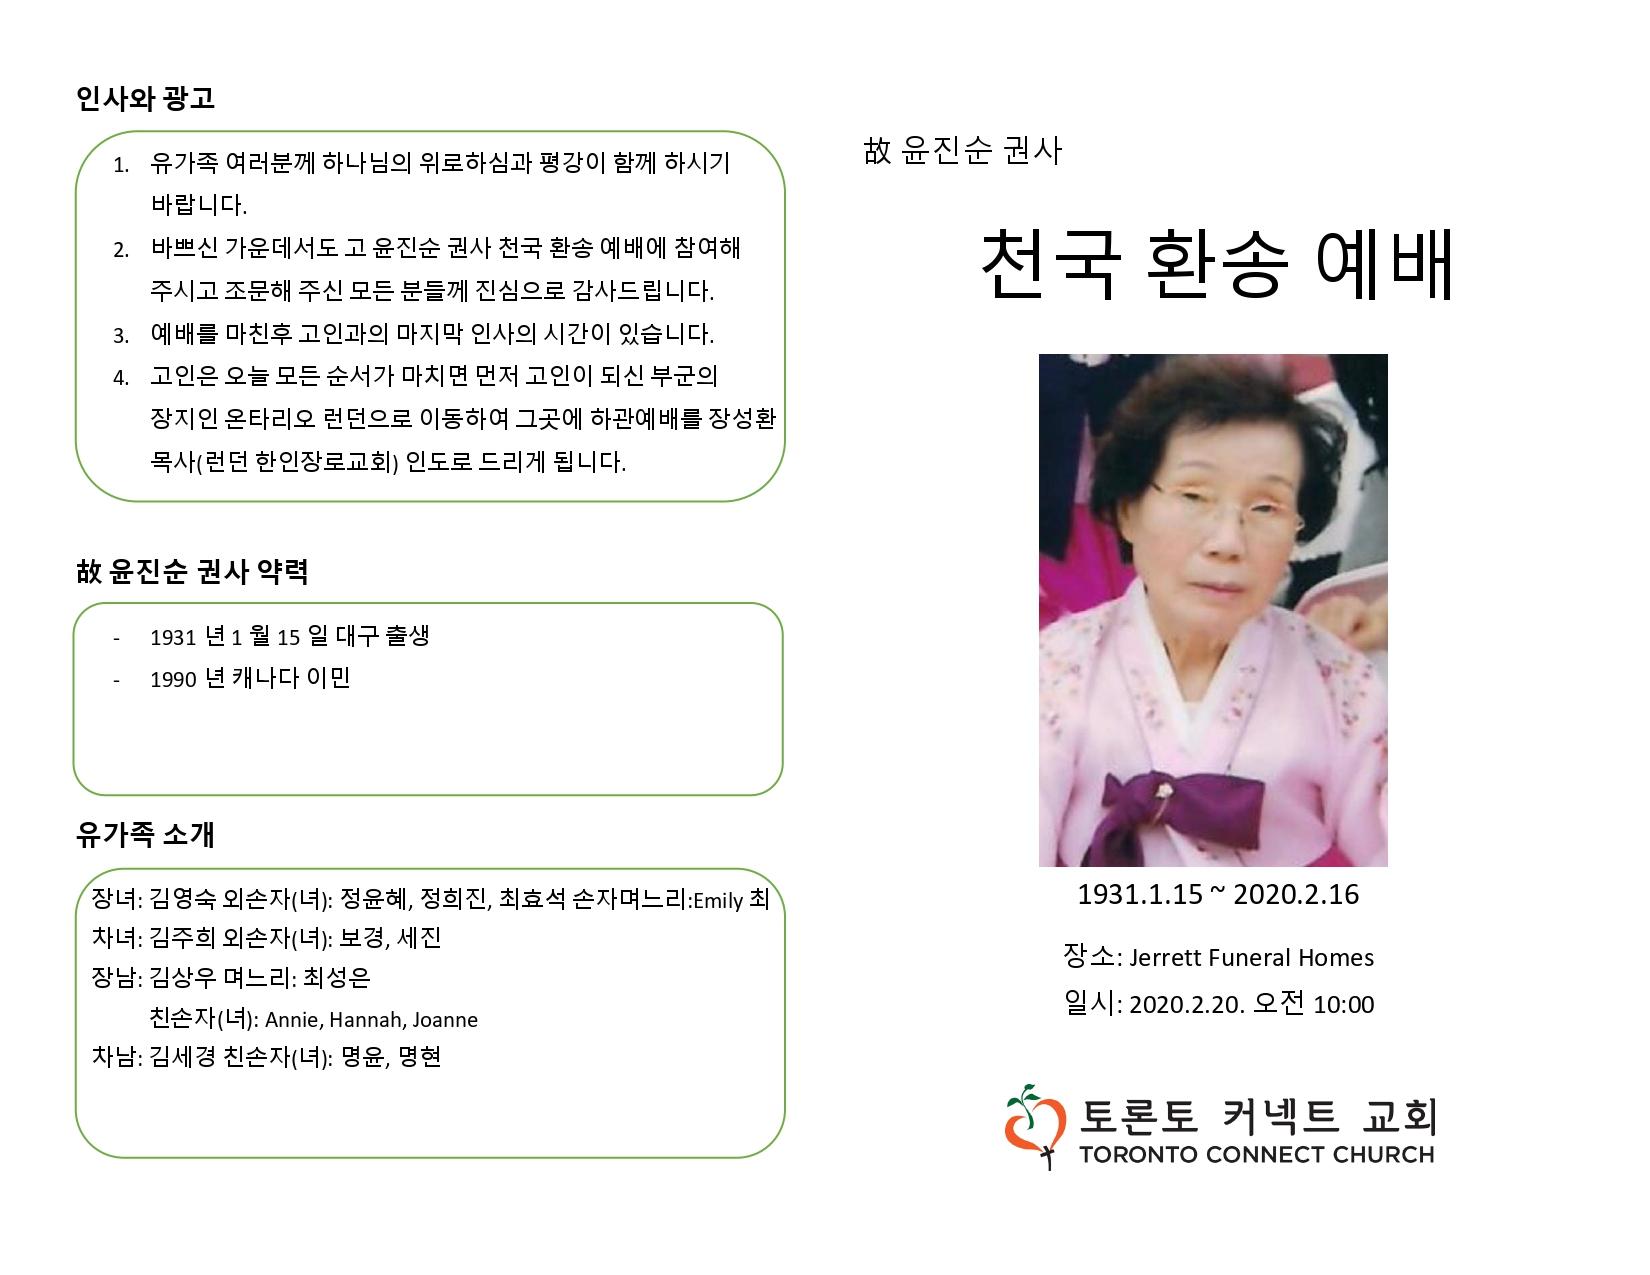 [부고] 고 윤진순 권사님 천국환송예배